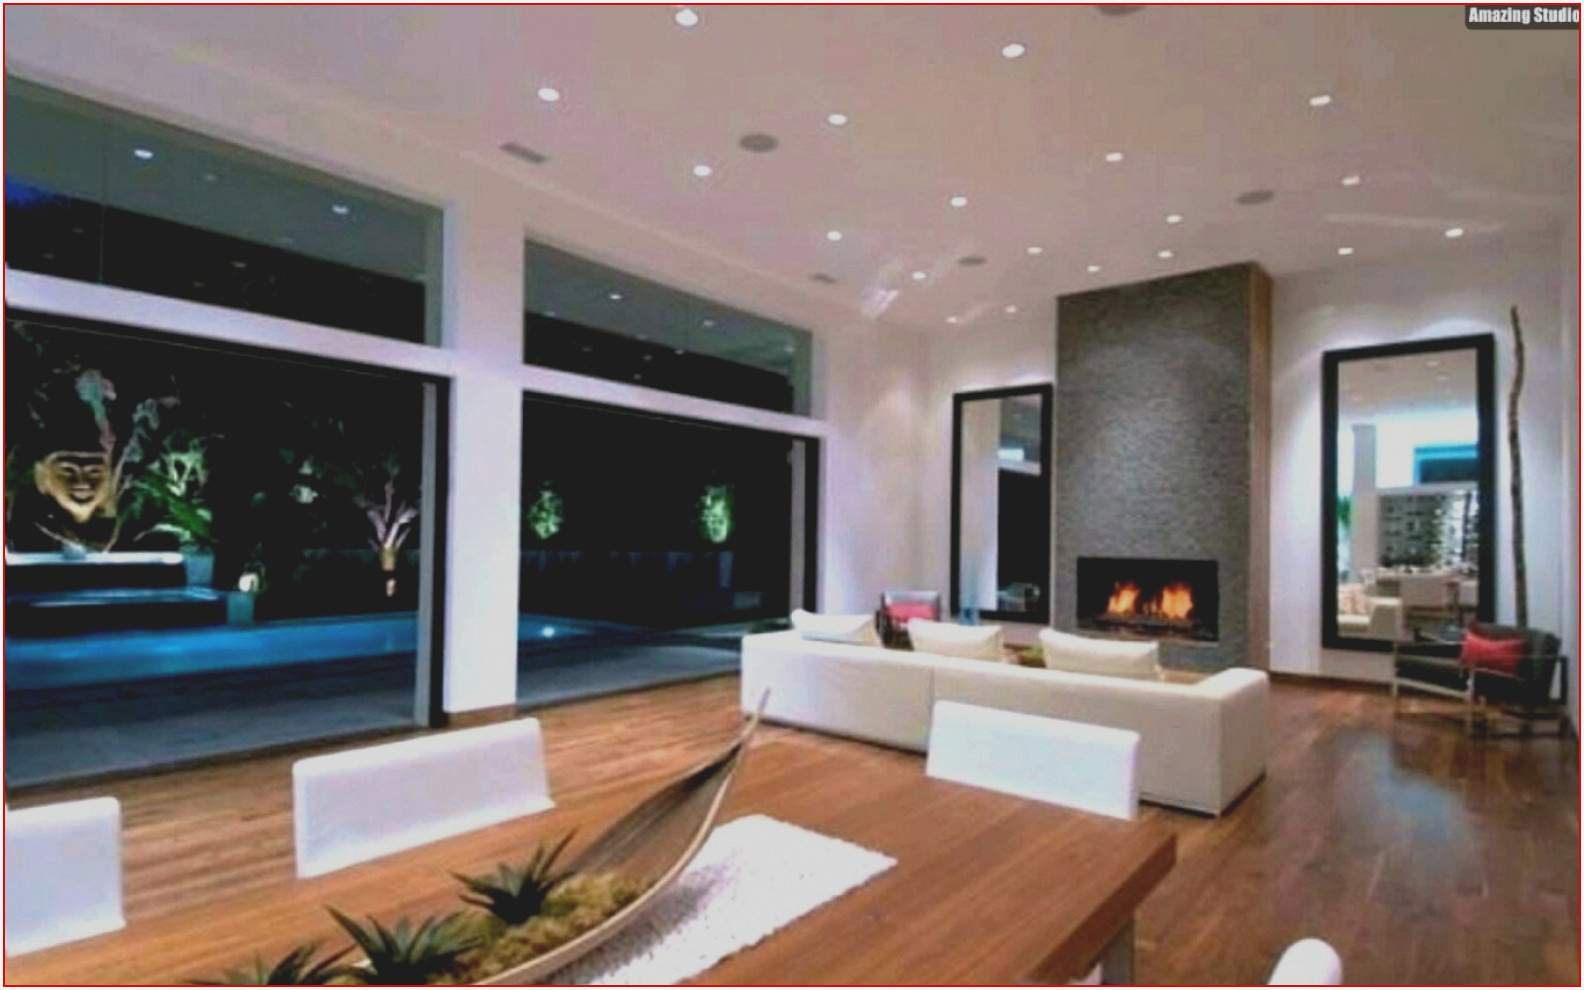 Full Size of Deckenspots Wohnzimmer 25 Schn Einzigartig Das Beste Landhausstil Wandbilder Pendelleuchte Schrankwand Beleuchtung Deckenleuchte Stehlampen Bilder Xxl Wohnzimmer Deckenspots Wohnzimmer